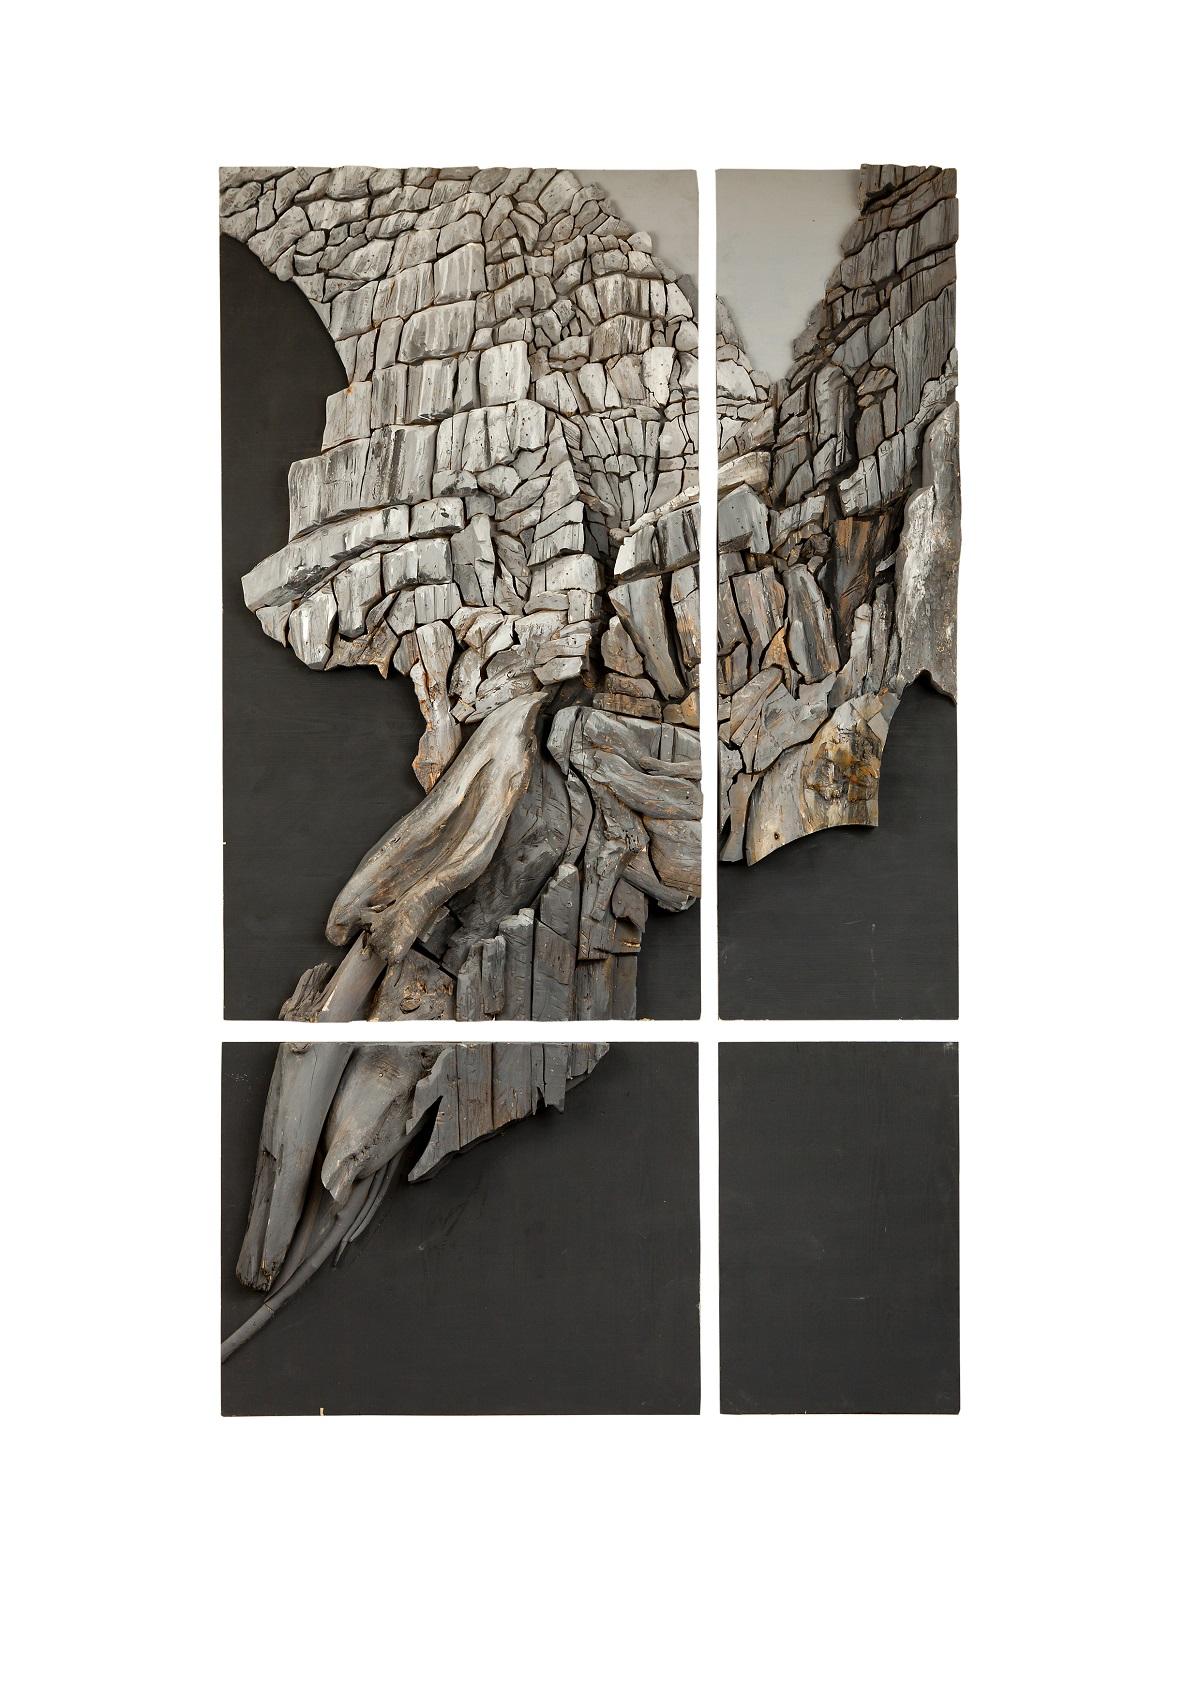 """#155 Lois Wagner (1959) """"Die Knochen der Erde"""" Image"""